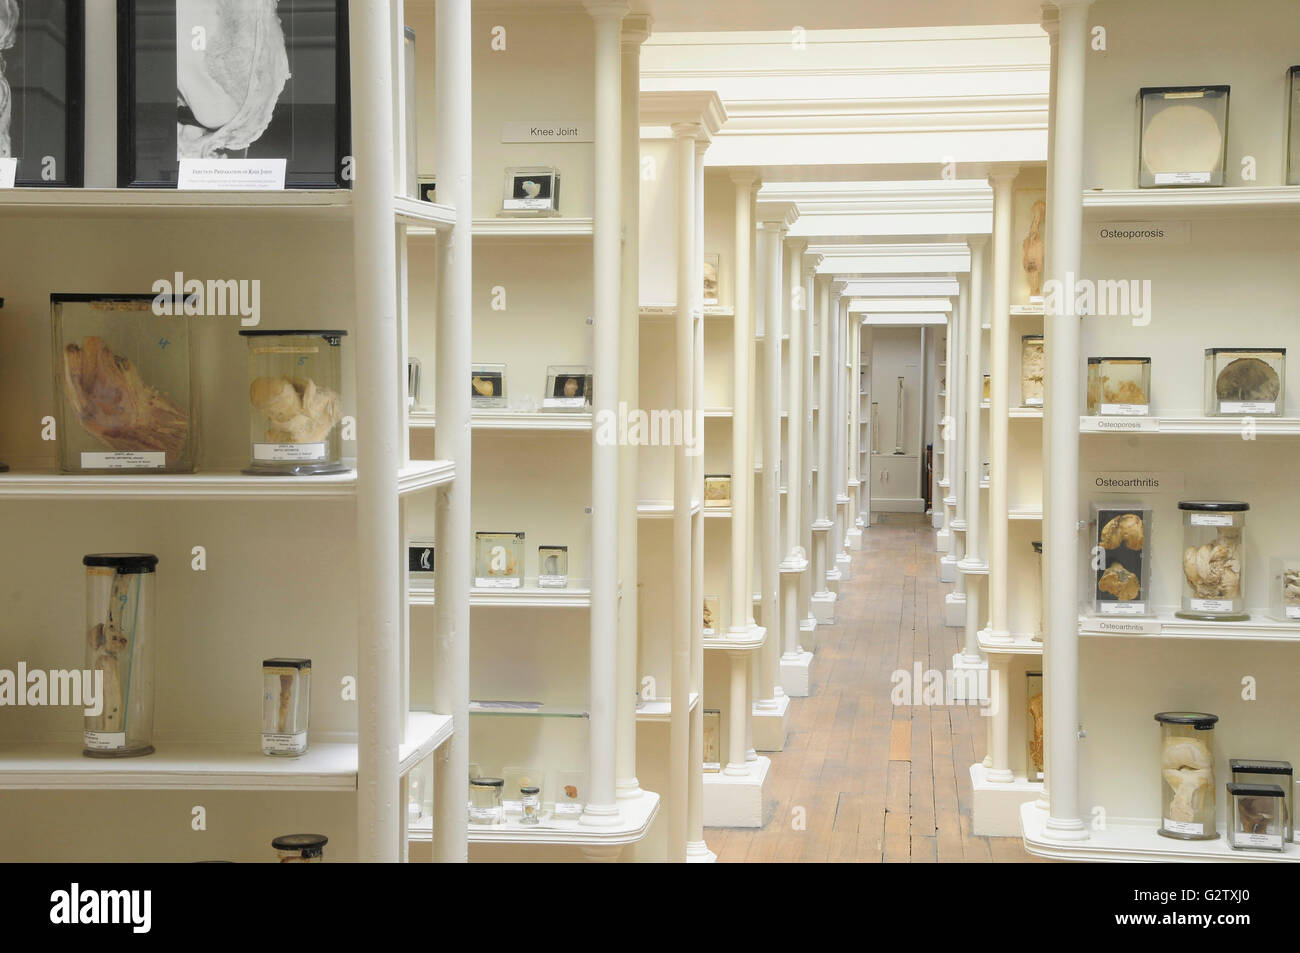 Fantastisch Edinburgh Anatomie Museum Zeitgenössisch - Anatomie ...